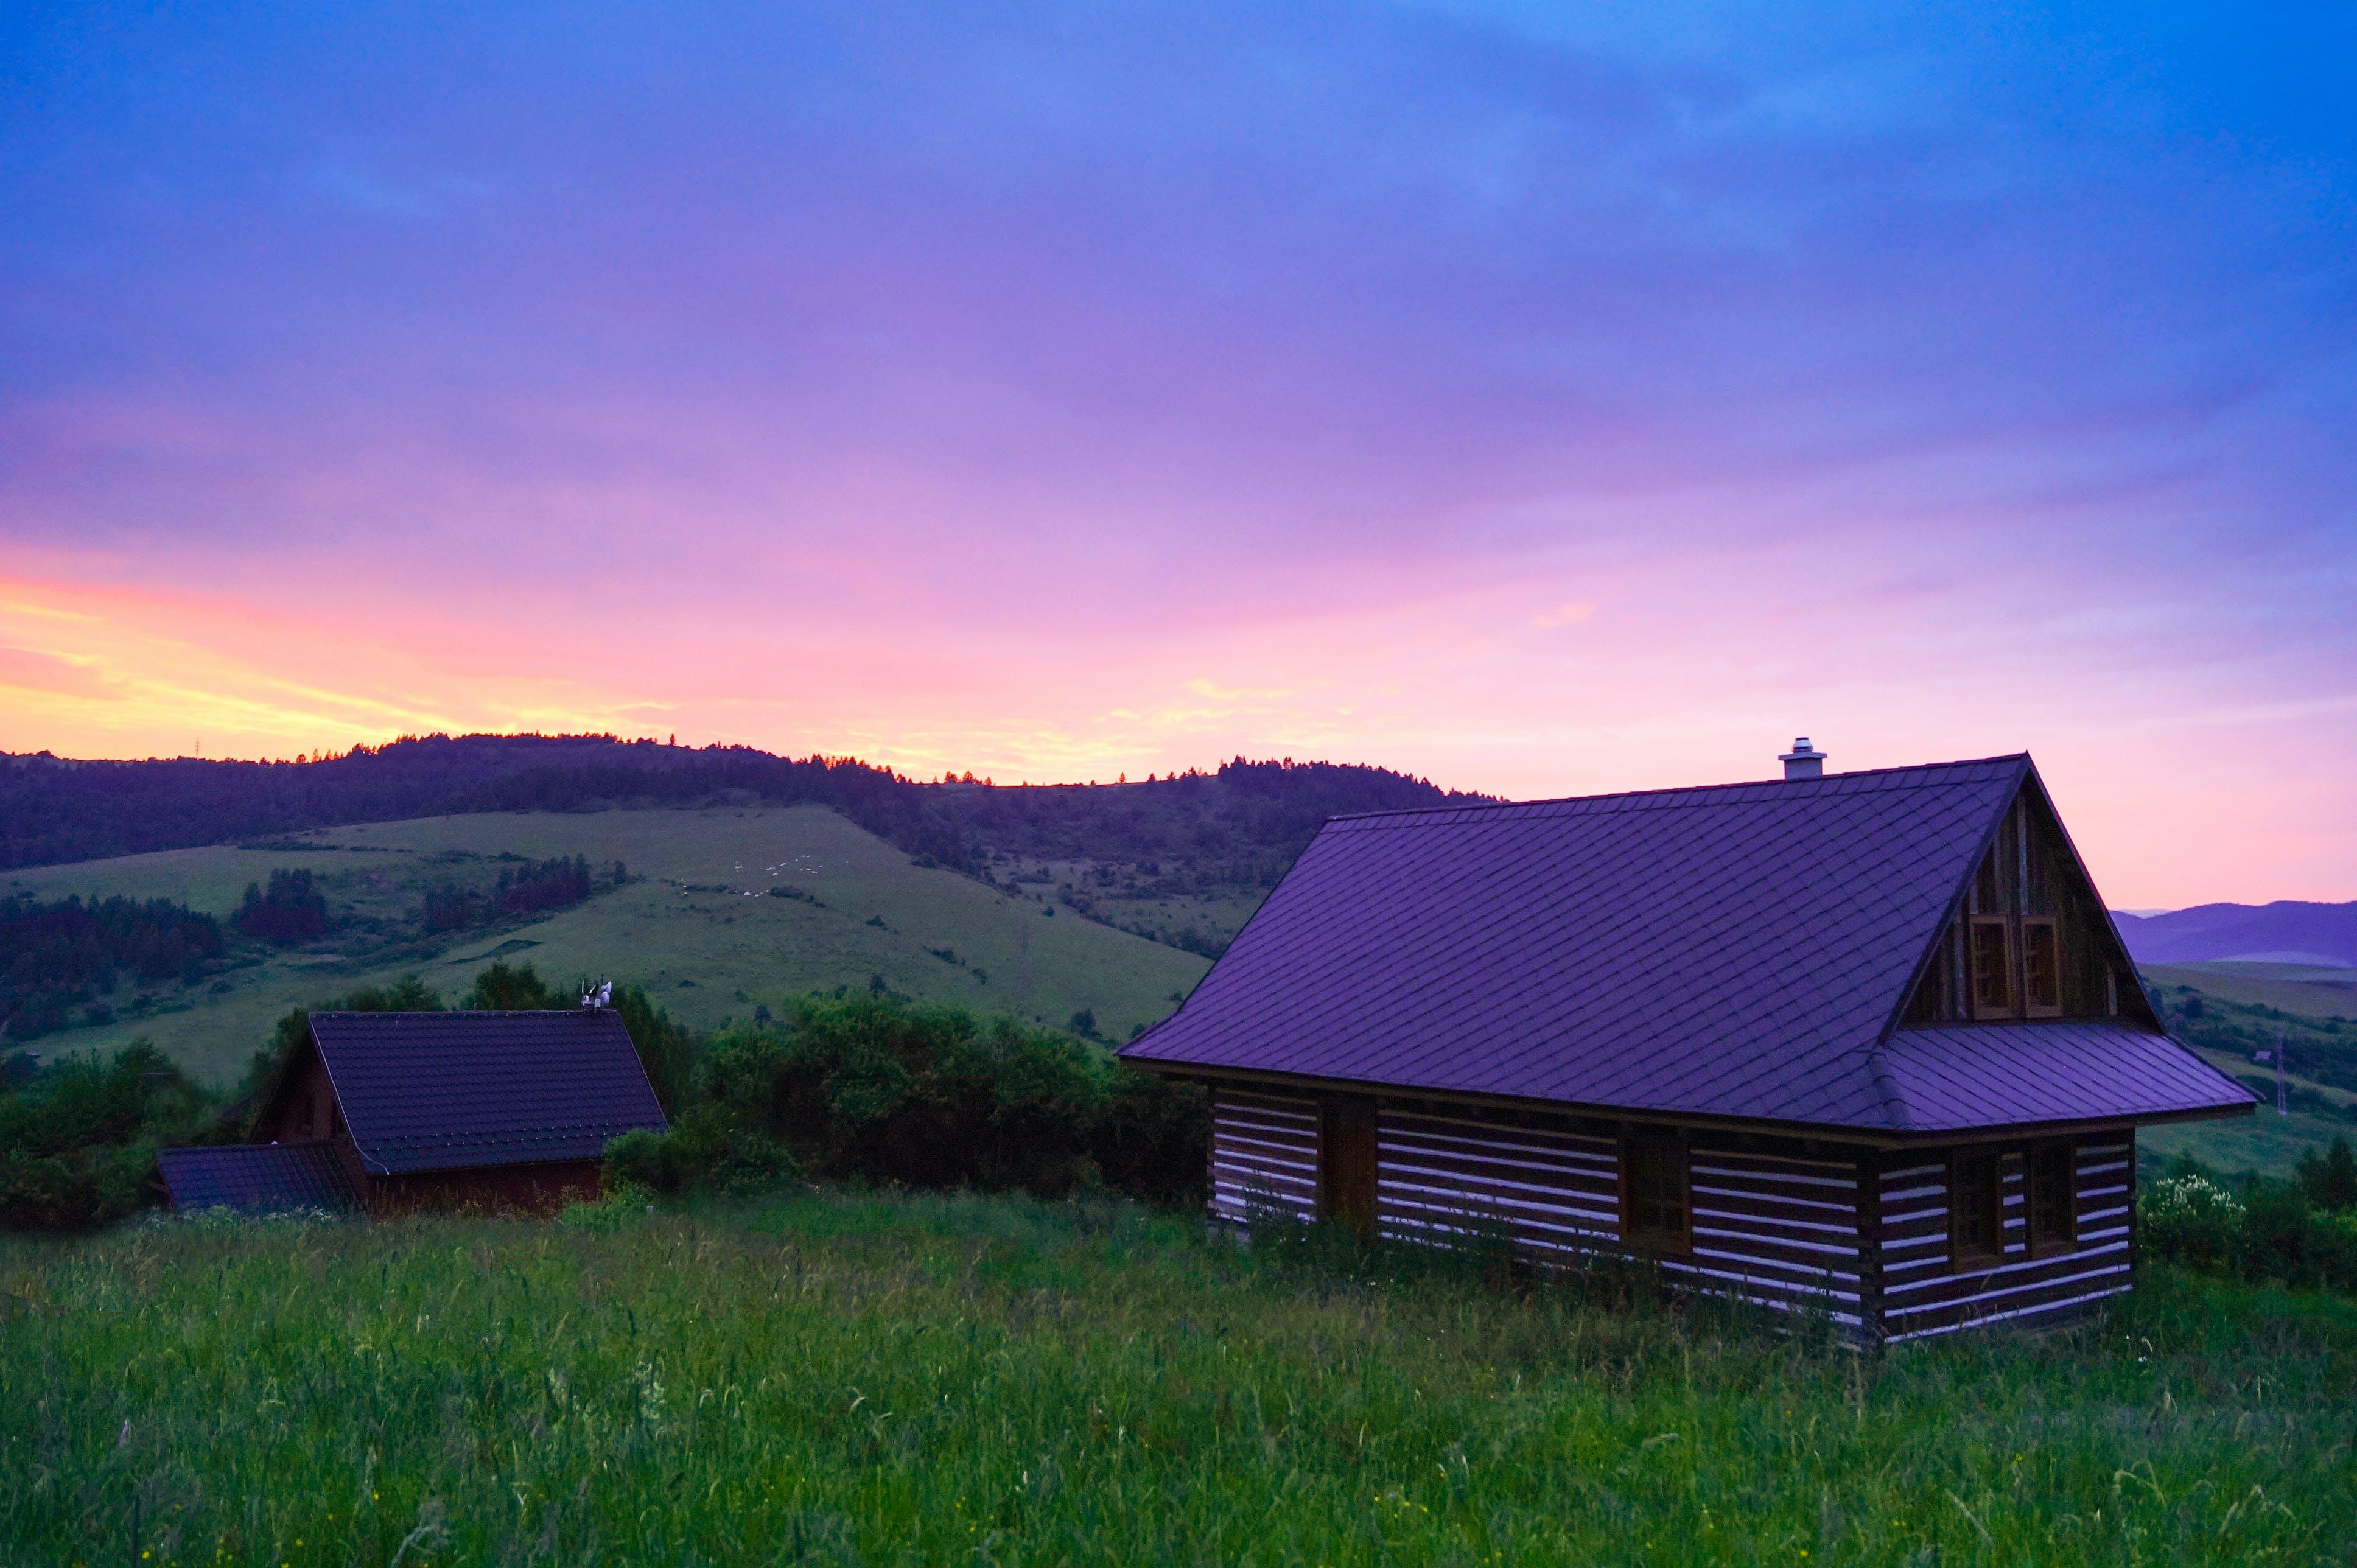 Free stock photo of nature, sunset, sunrise, countryside